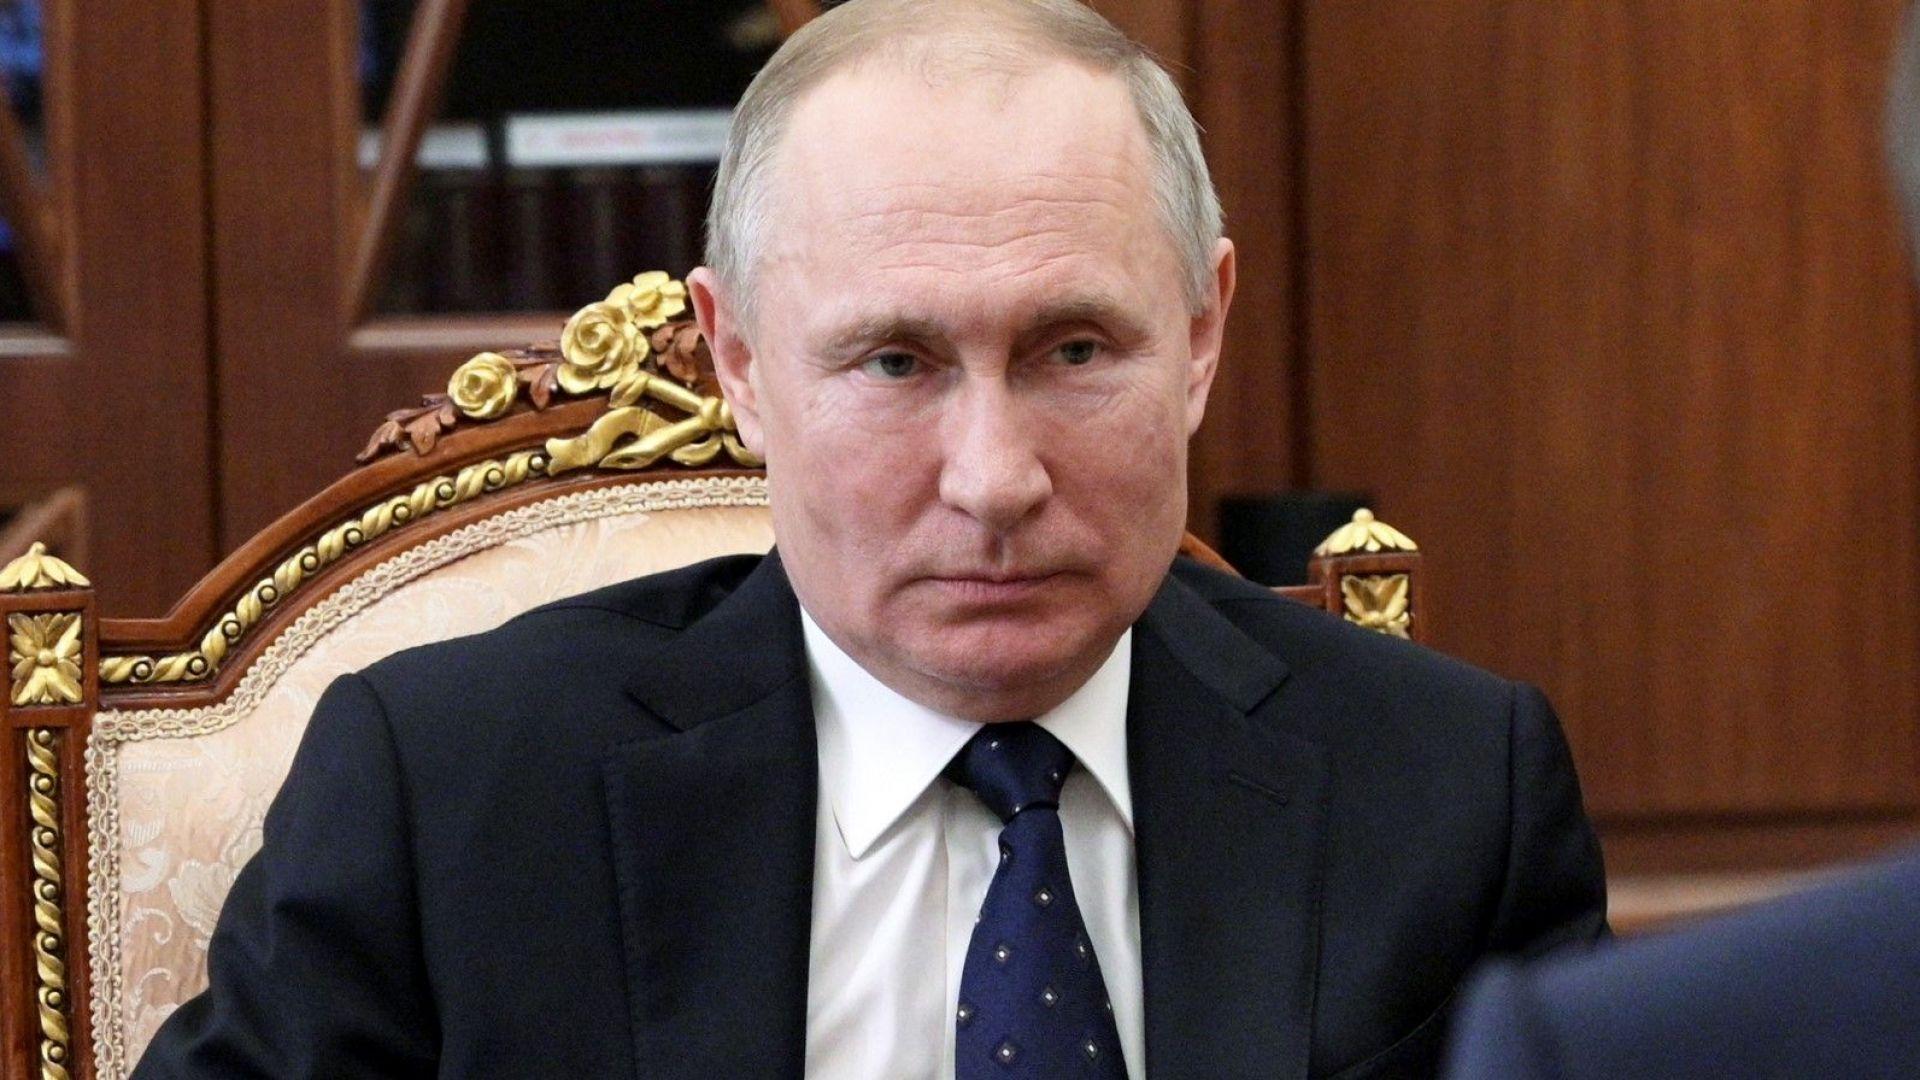 Путин: Не питайте дали ще съм президент и след 2024 г., зависи от желанието на народа